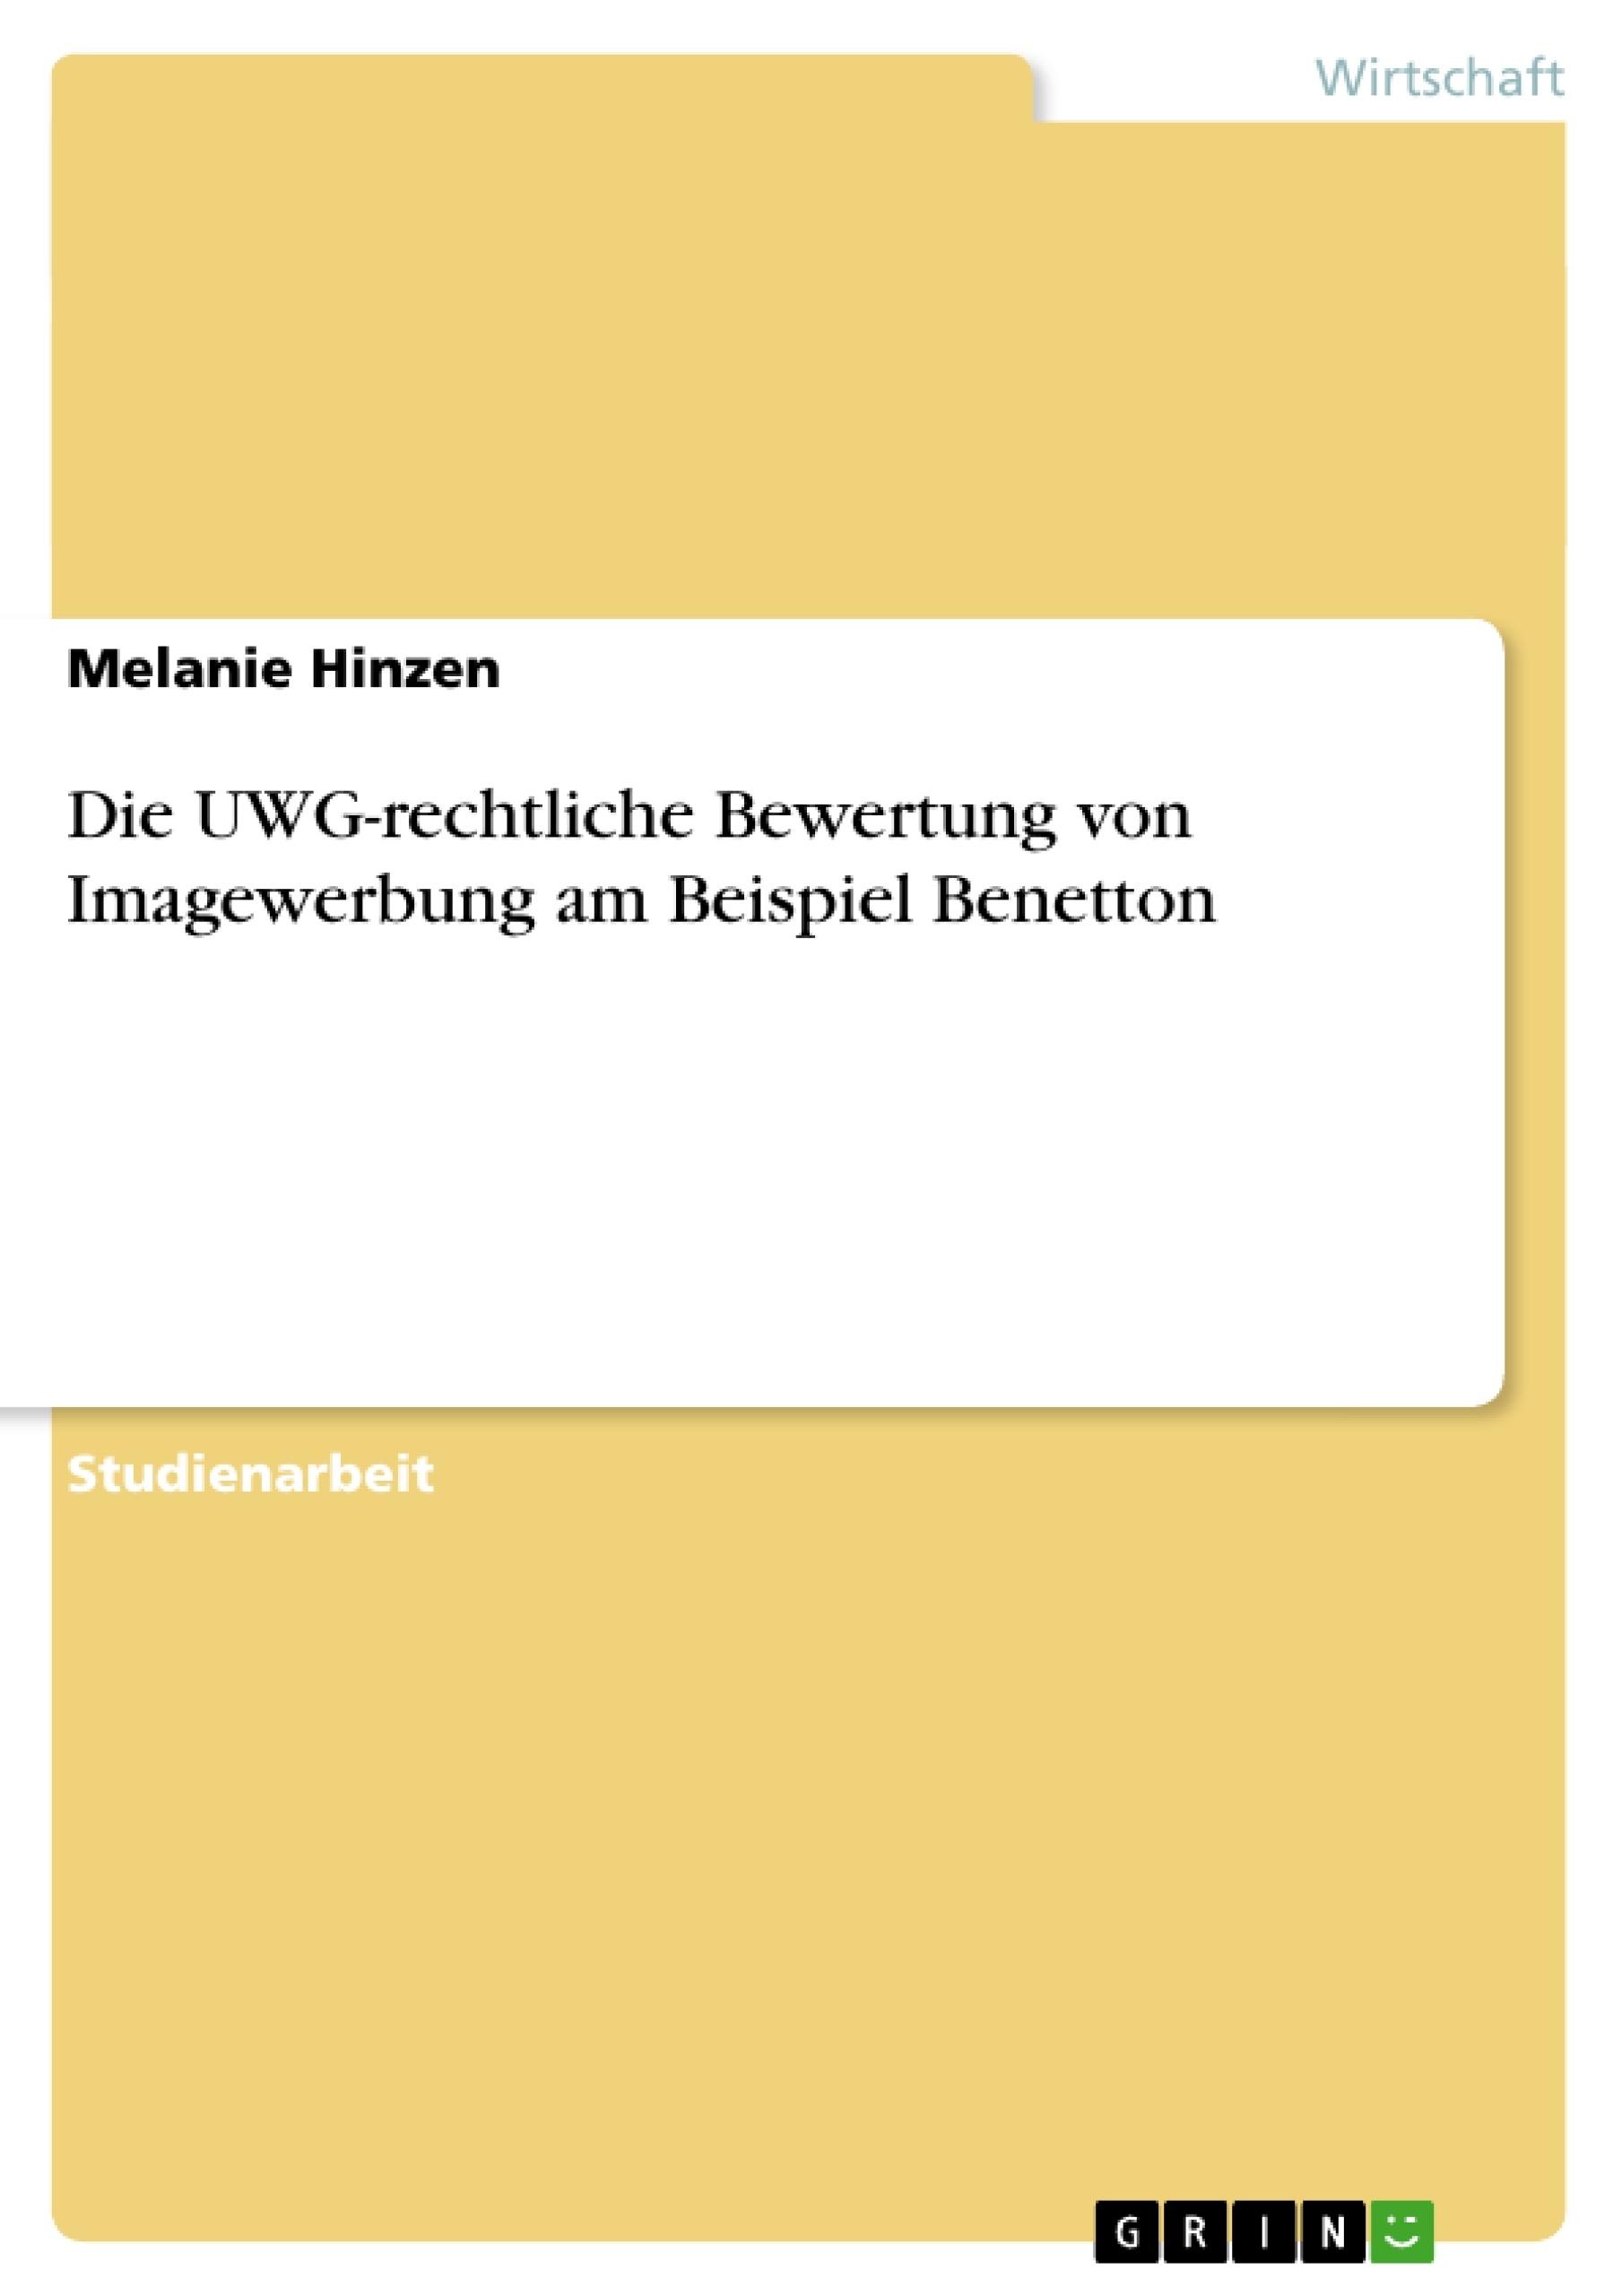 Titel: Die UWG-rechtliche Bewertung von Imagewerbung am Beispiel Benetton